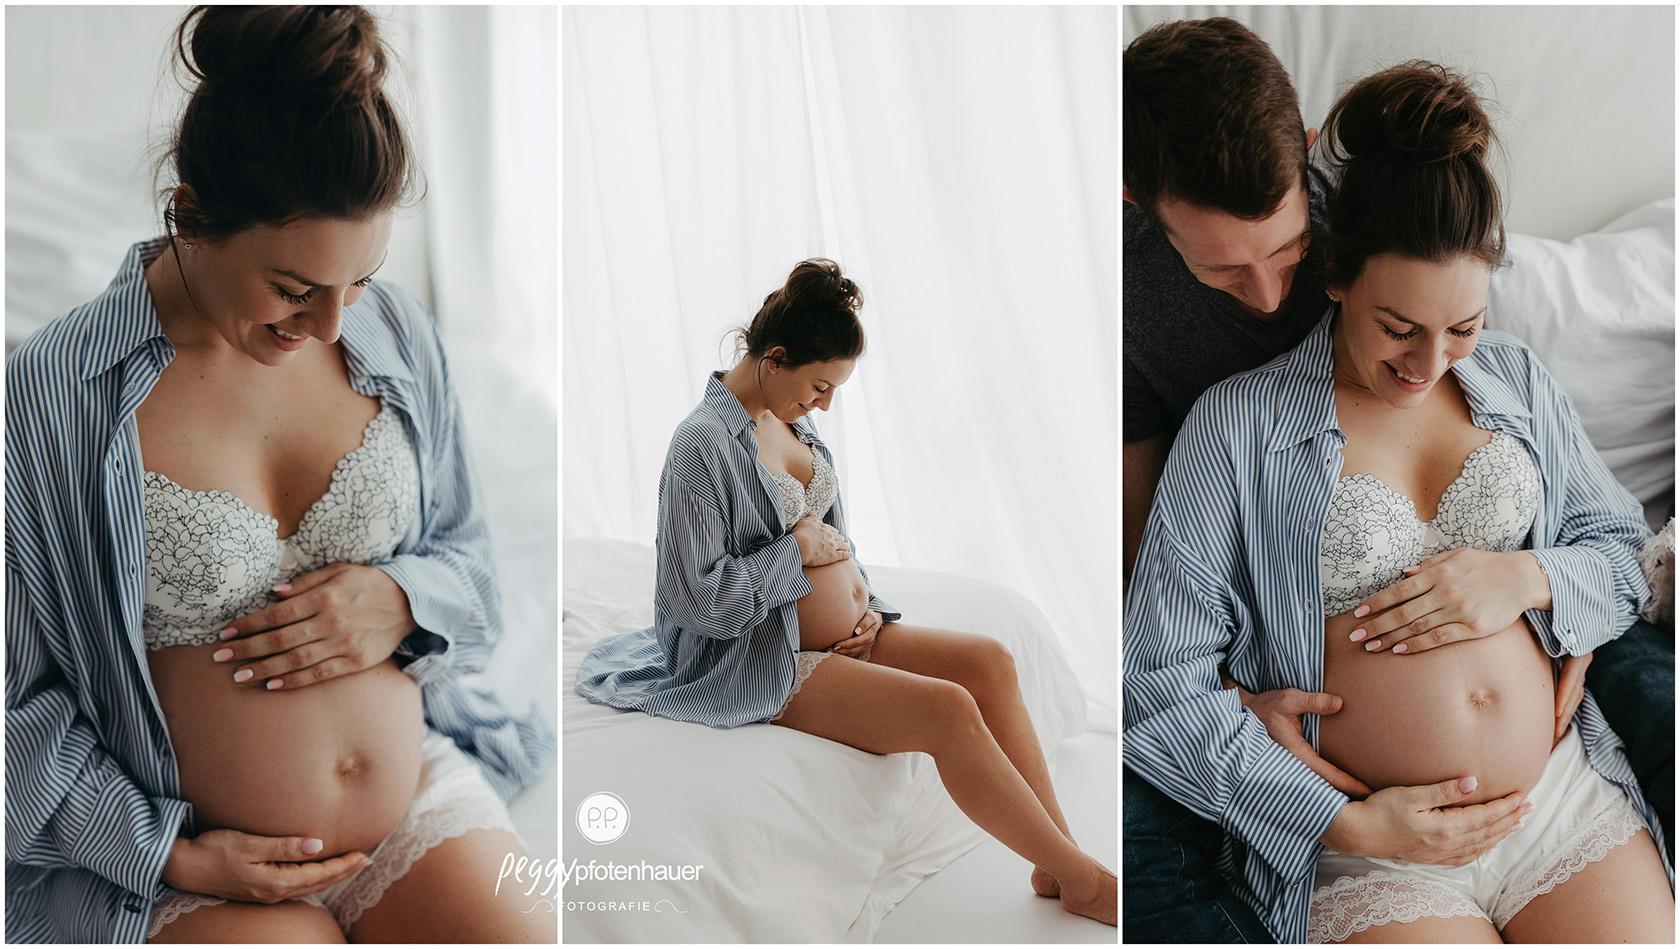 liebevolle Babybauchfotografie